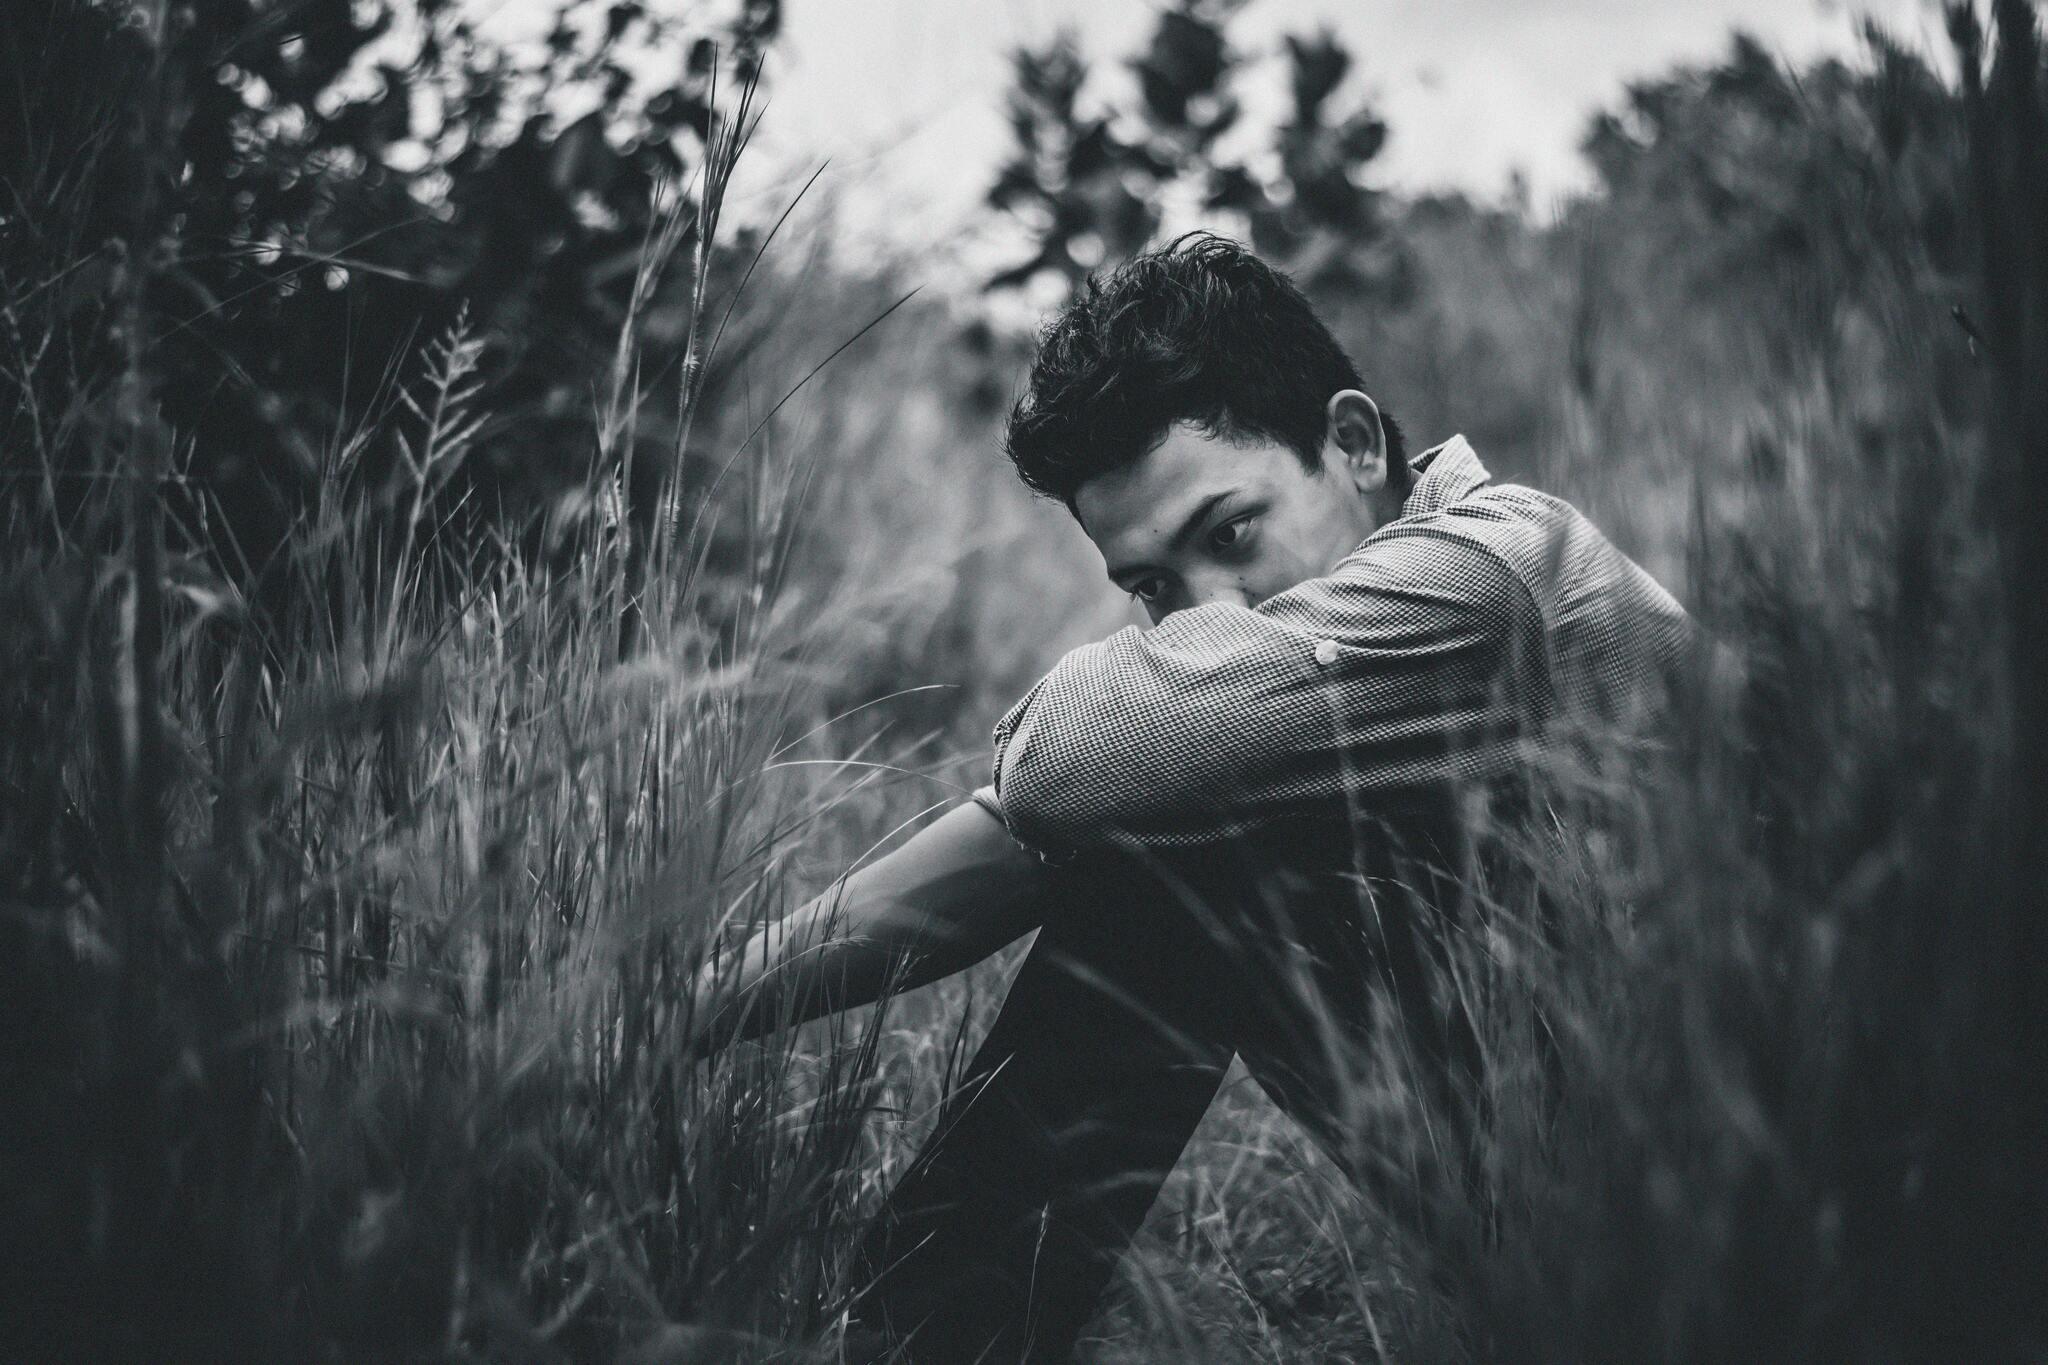 Ảnh cảm xúc buồn tuyệt vọng đẹp